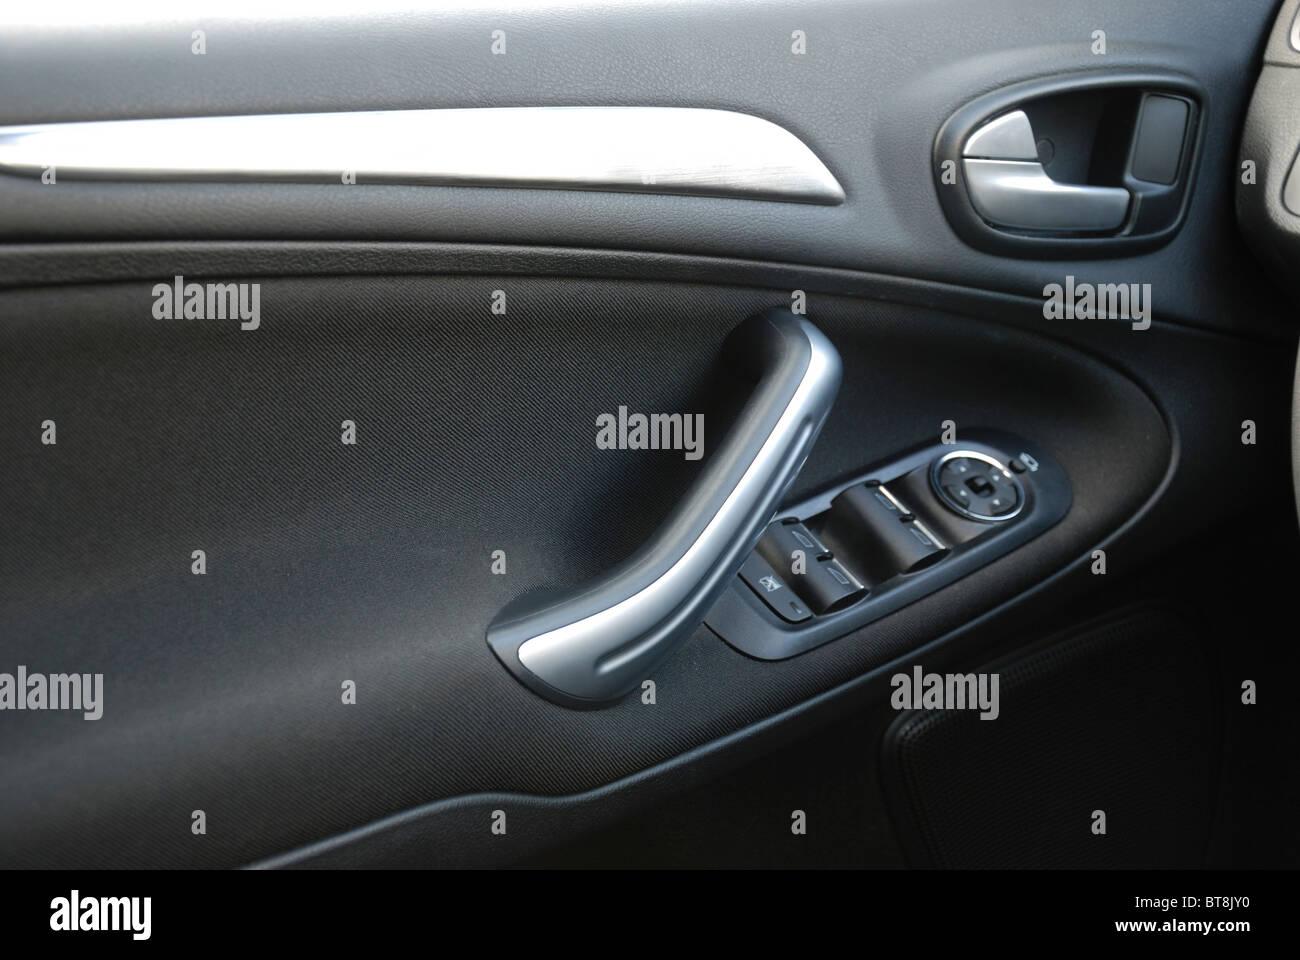 Ford S-MAX 2.0 TDCI - 2006 - black metallic - five doors (5D) - Popular German MPV (minivan) - interior, door panel - Stock Image